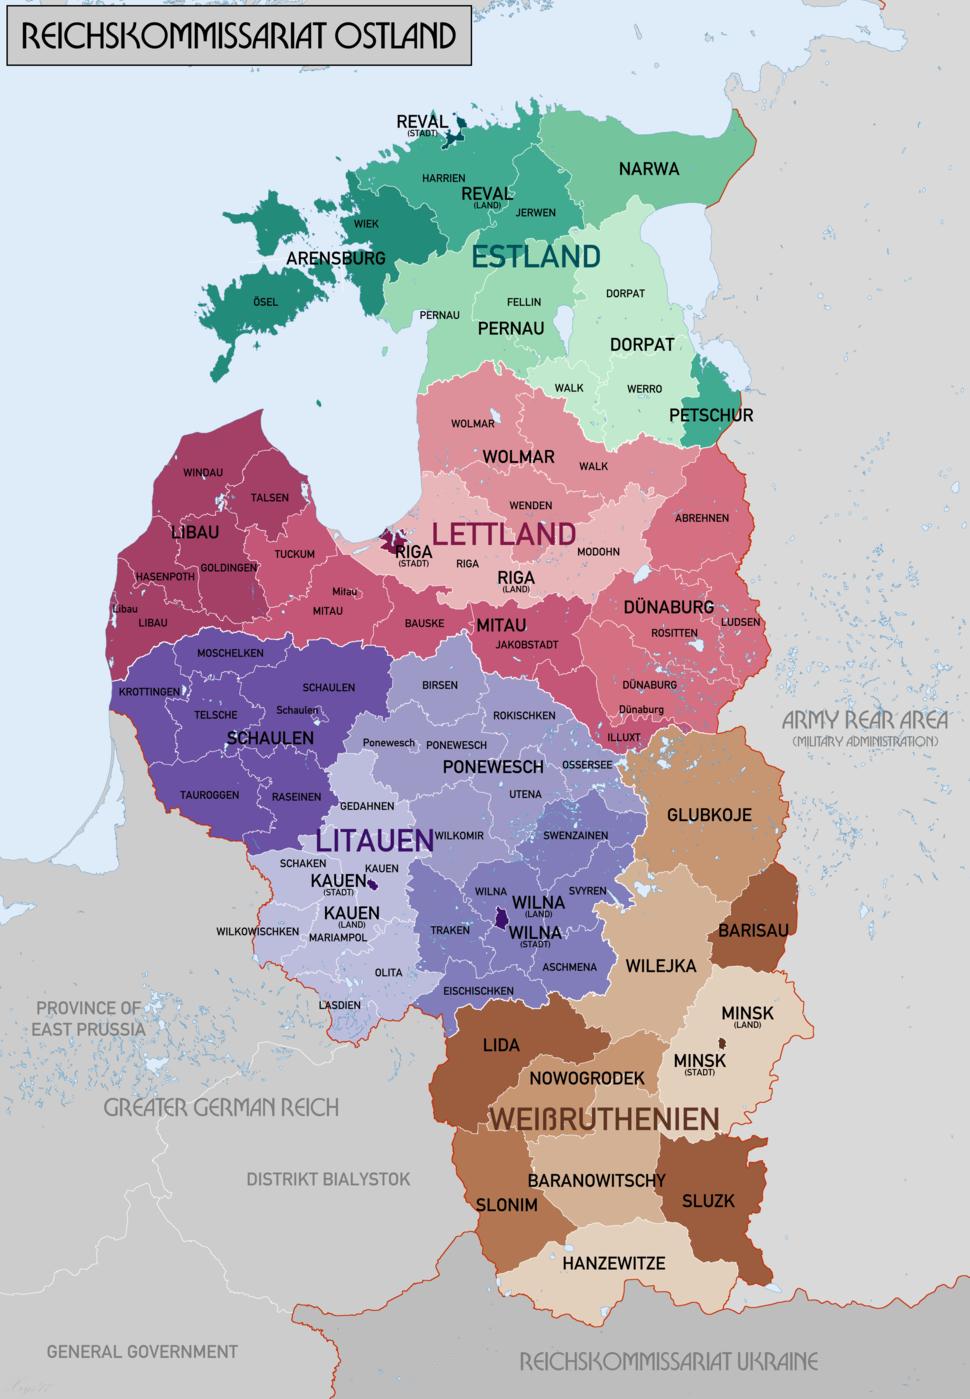 Reichskommissariat Ostland Administrative